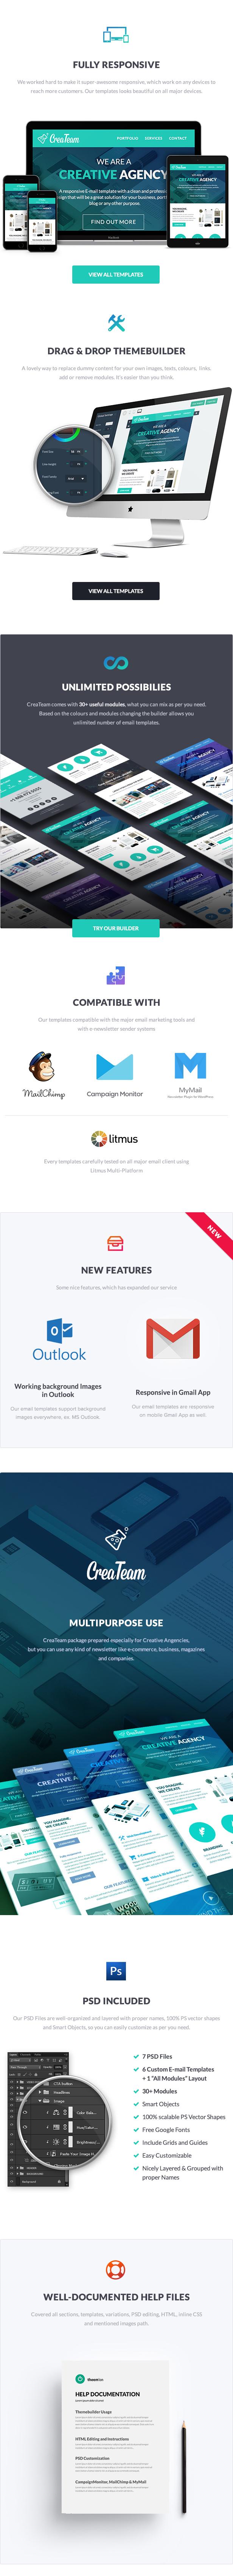 CreaTeam - Multipurpose Agency E-newsletter Template